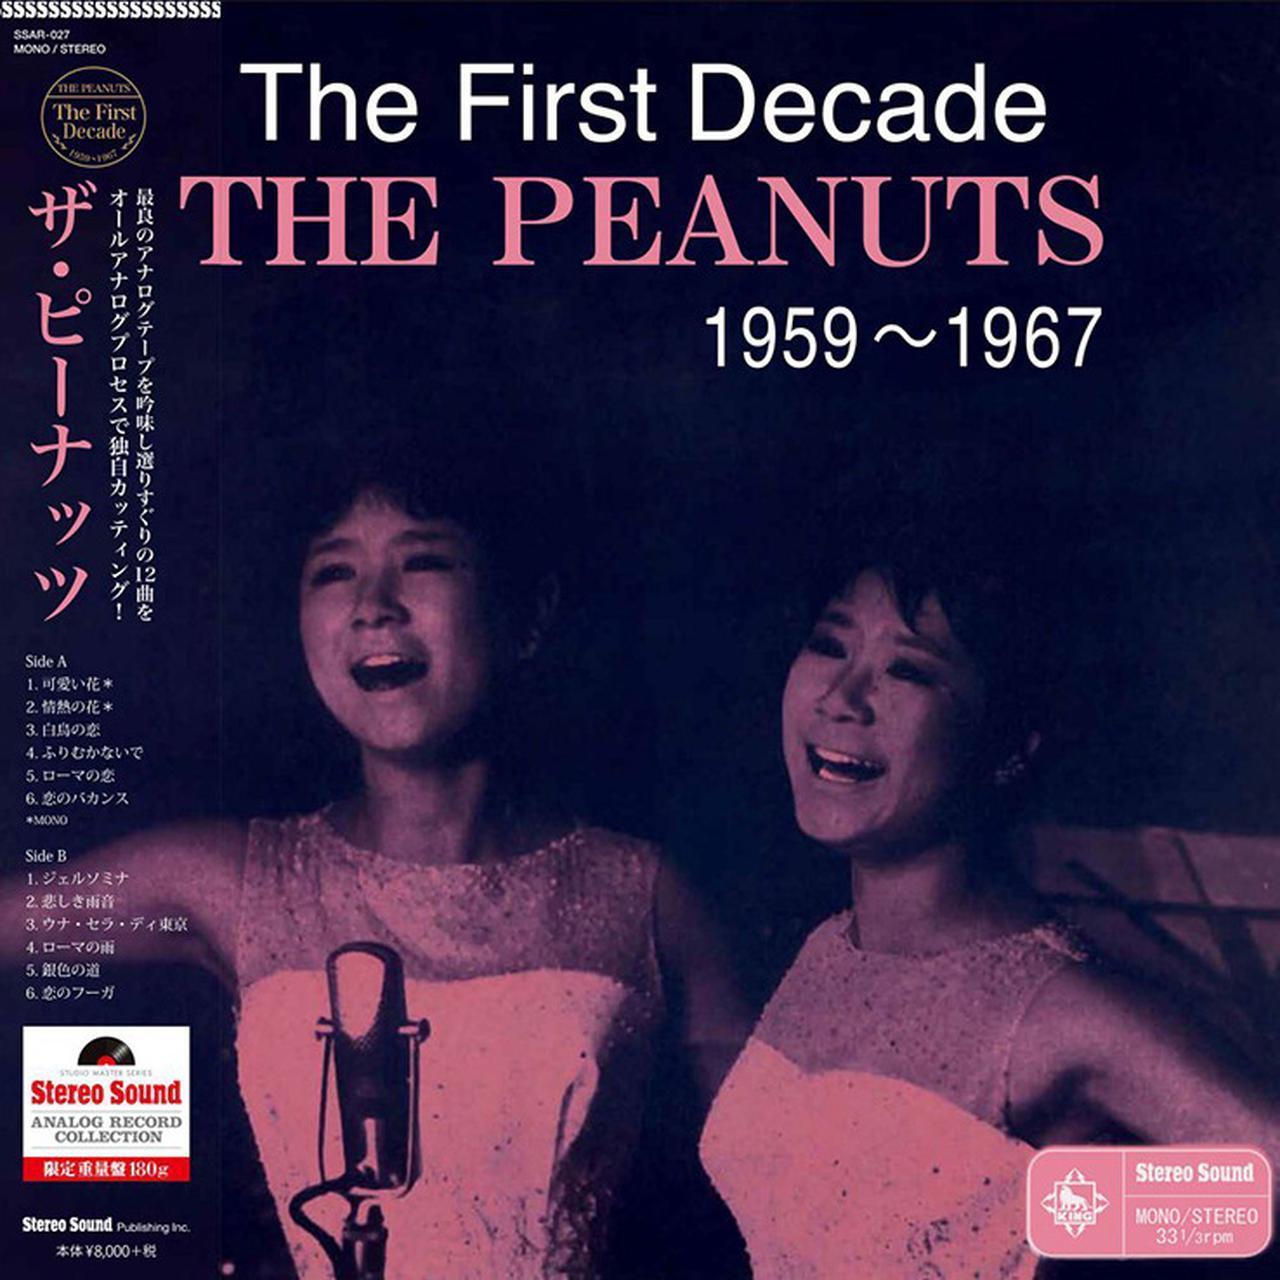 画像: ザ・ピーナッツの最新アナログレコードは、歌声が超リアル。音にこだわり、モノ用ヘッドでカッティングしたモノラル曲が格別